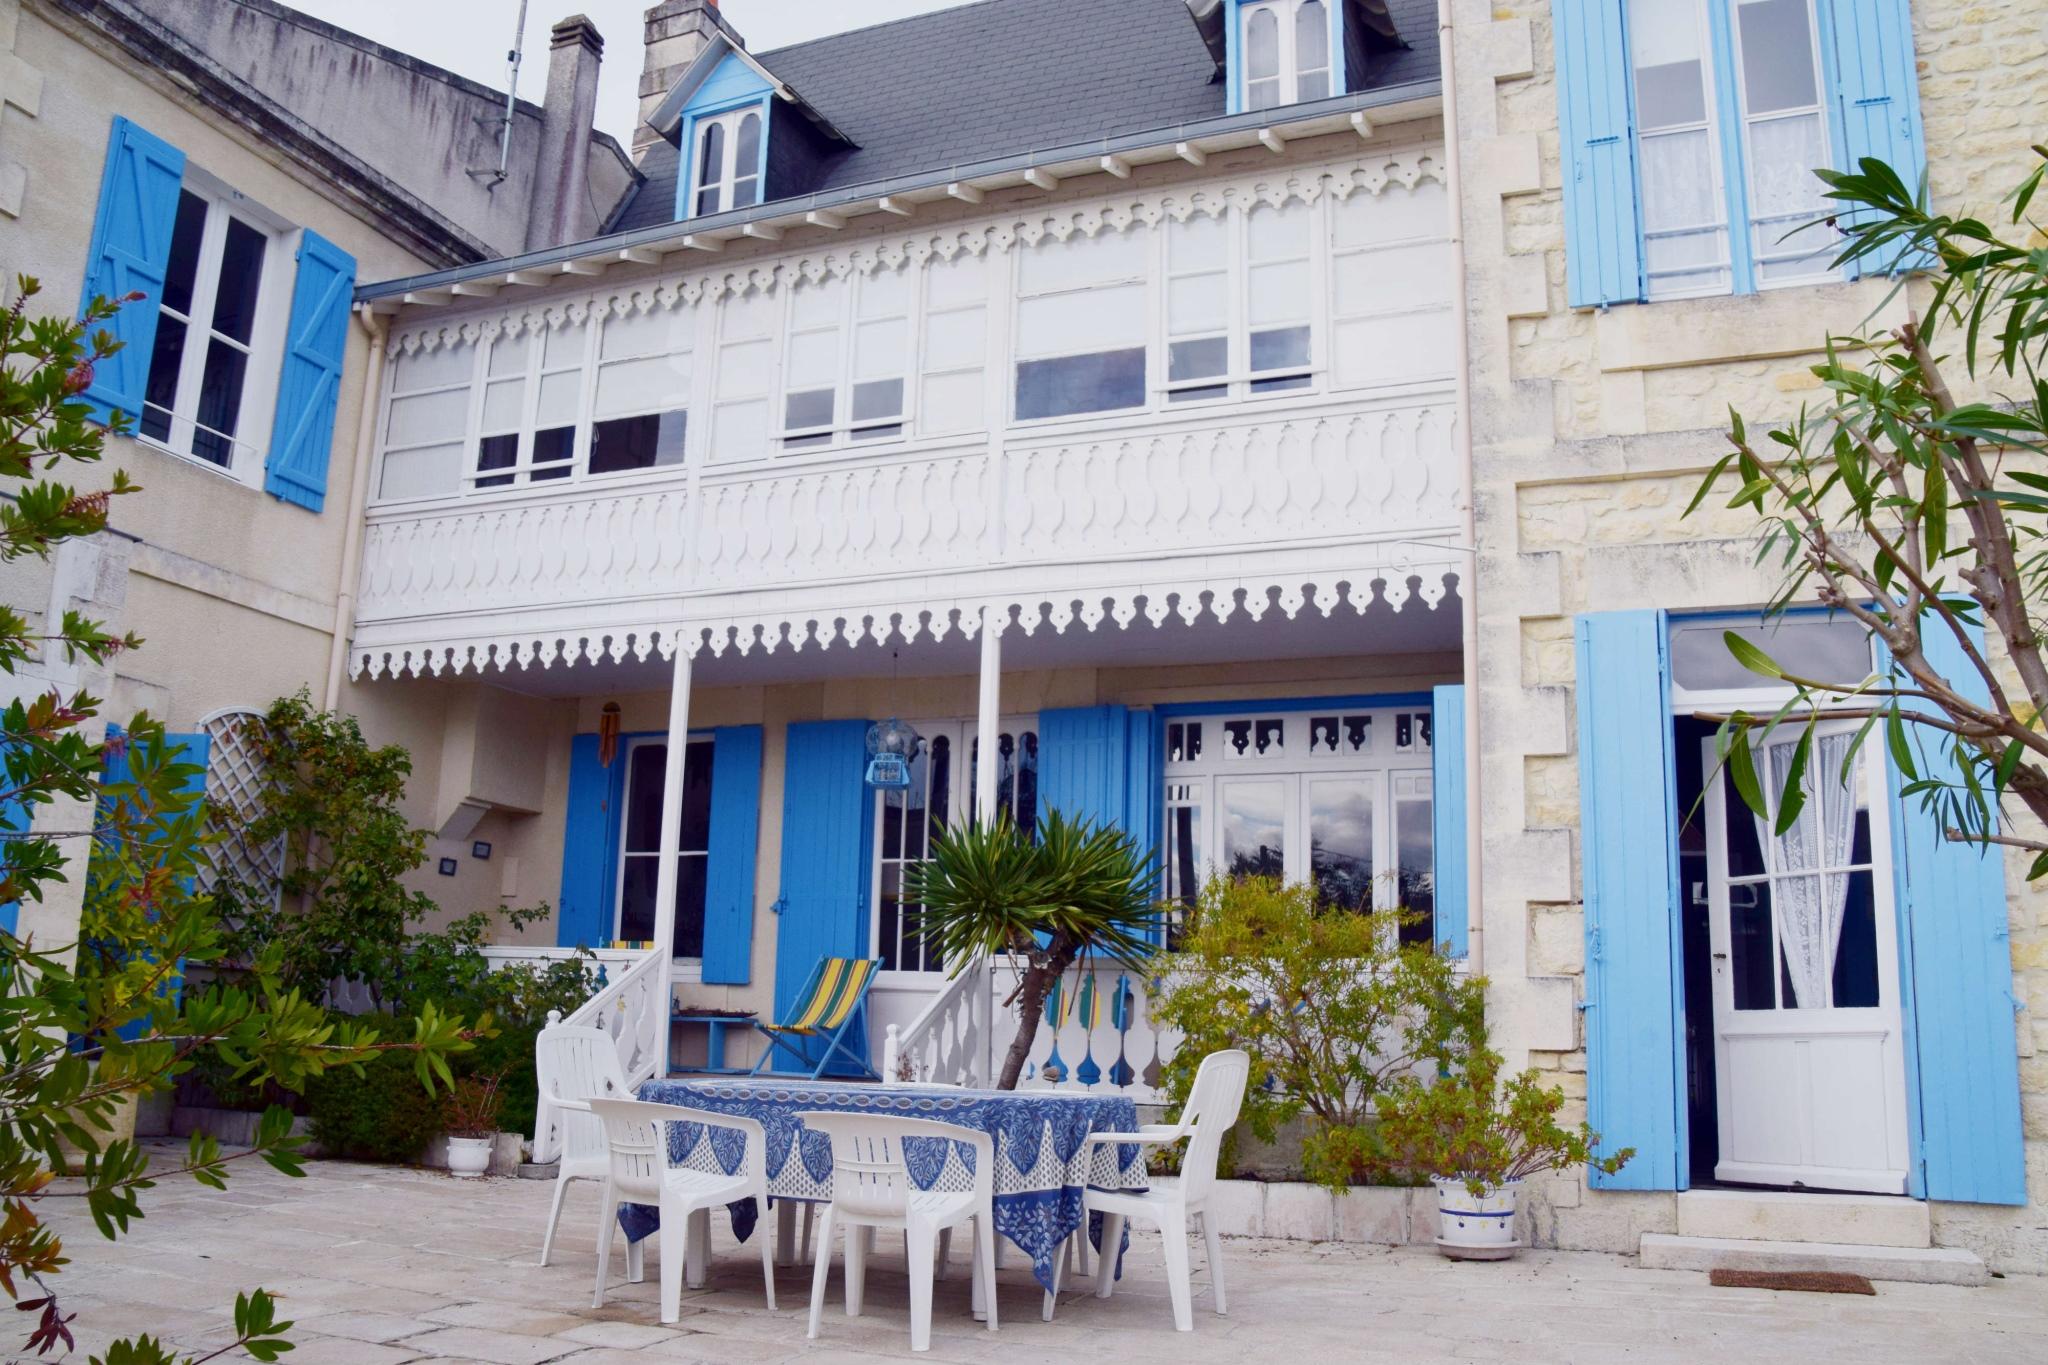 Location maison ronce les bains square habitat for Location maison yverdon les bains